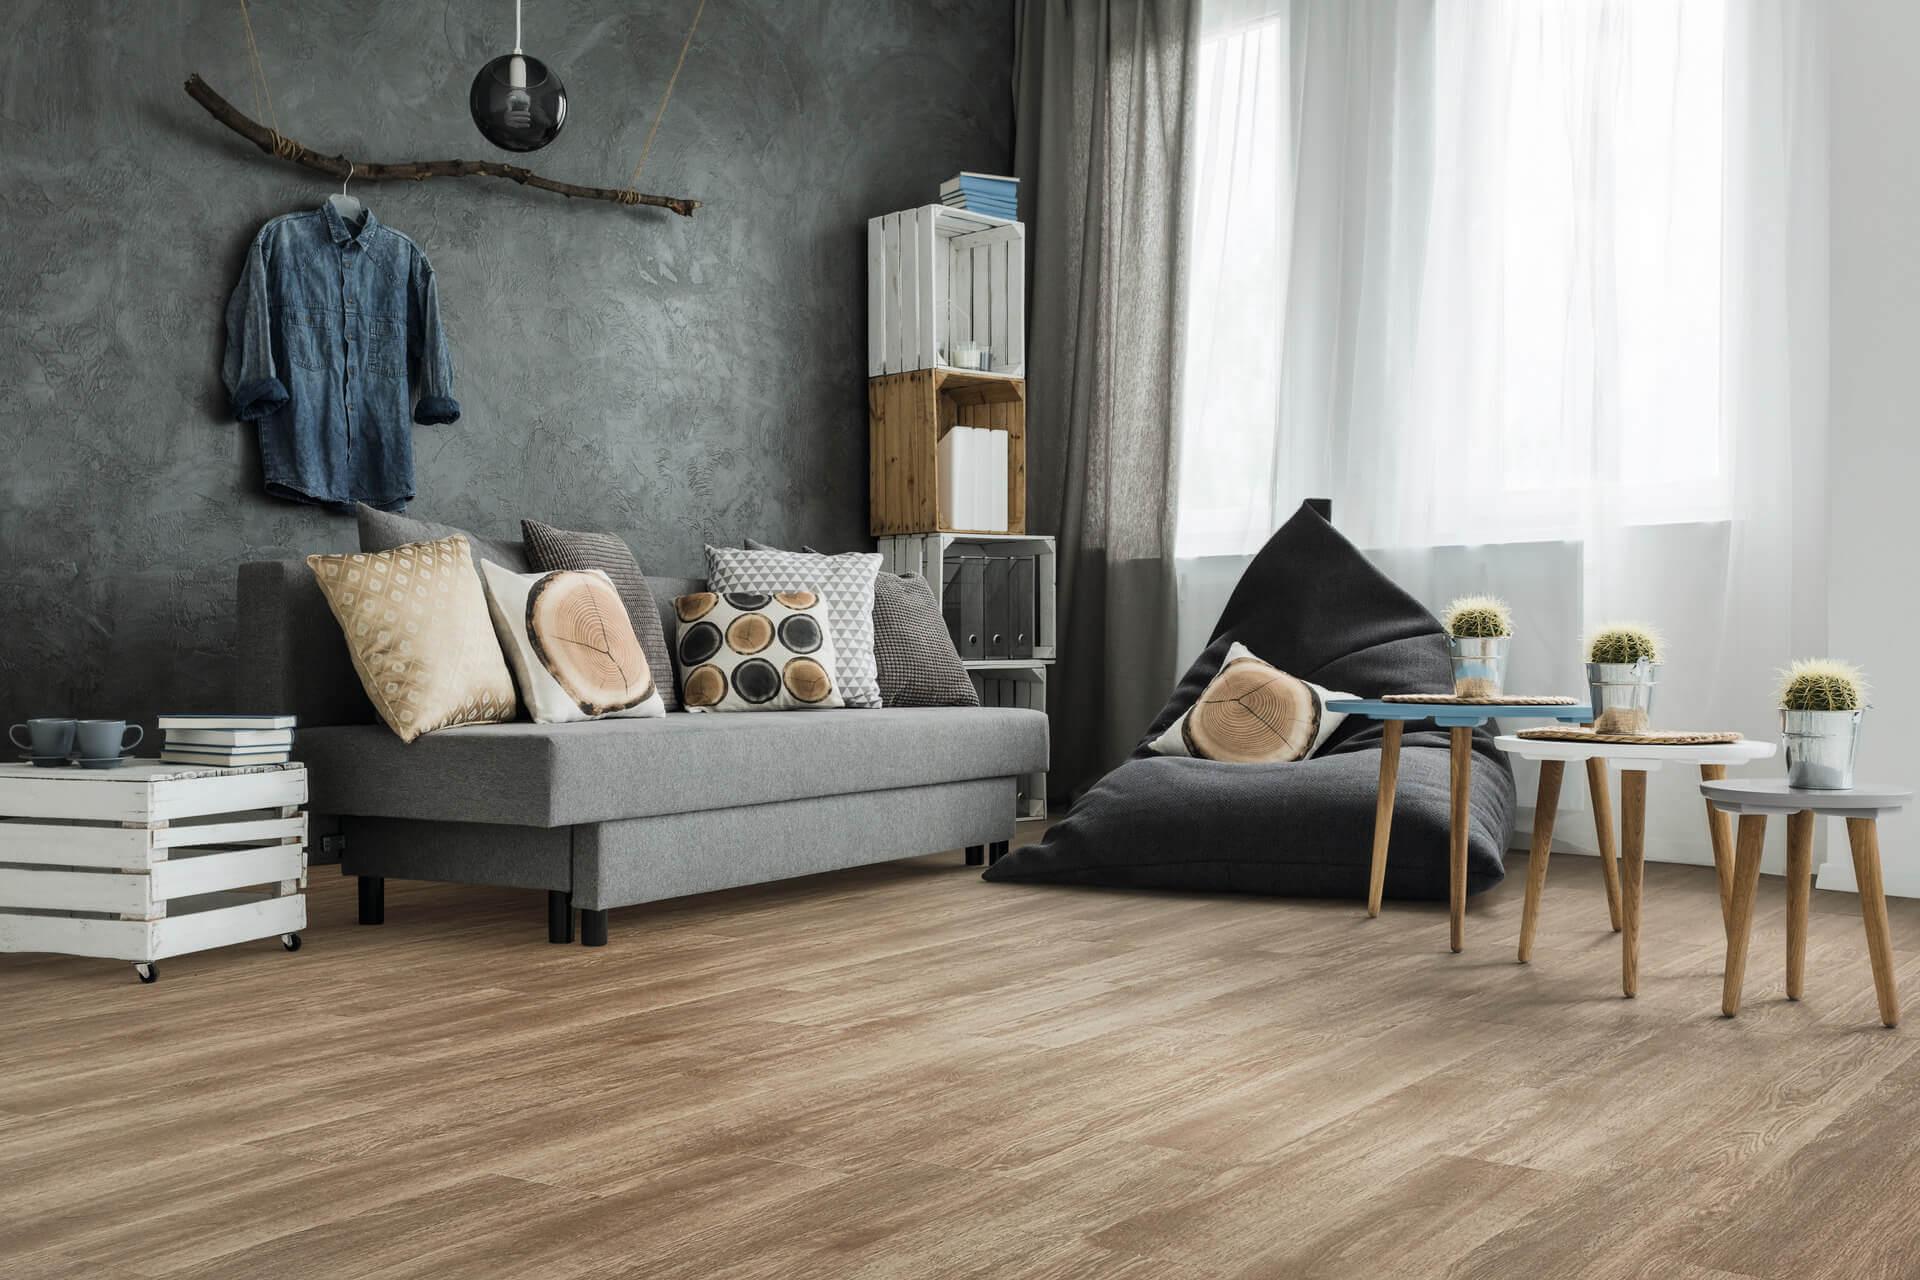 Novilon Betonlook Prijs : Linoleum kliksysteem prijs: hs vloeren projectstoffering linoleum